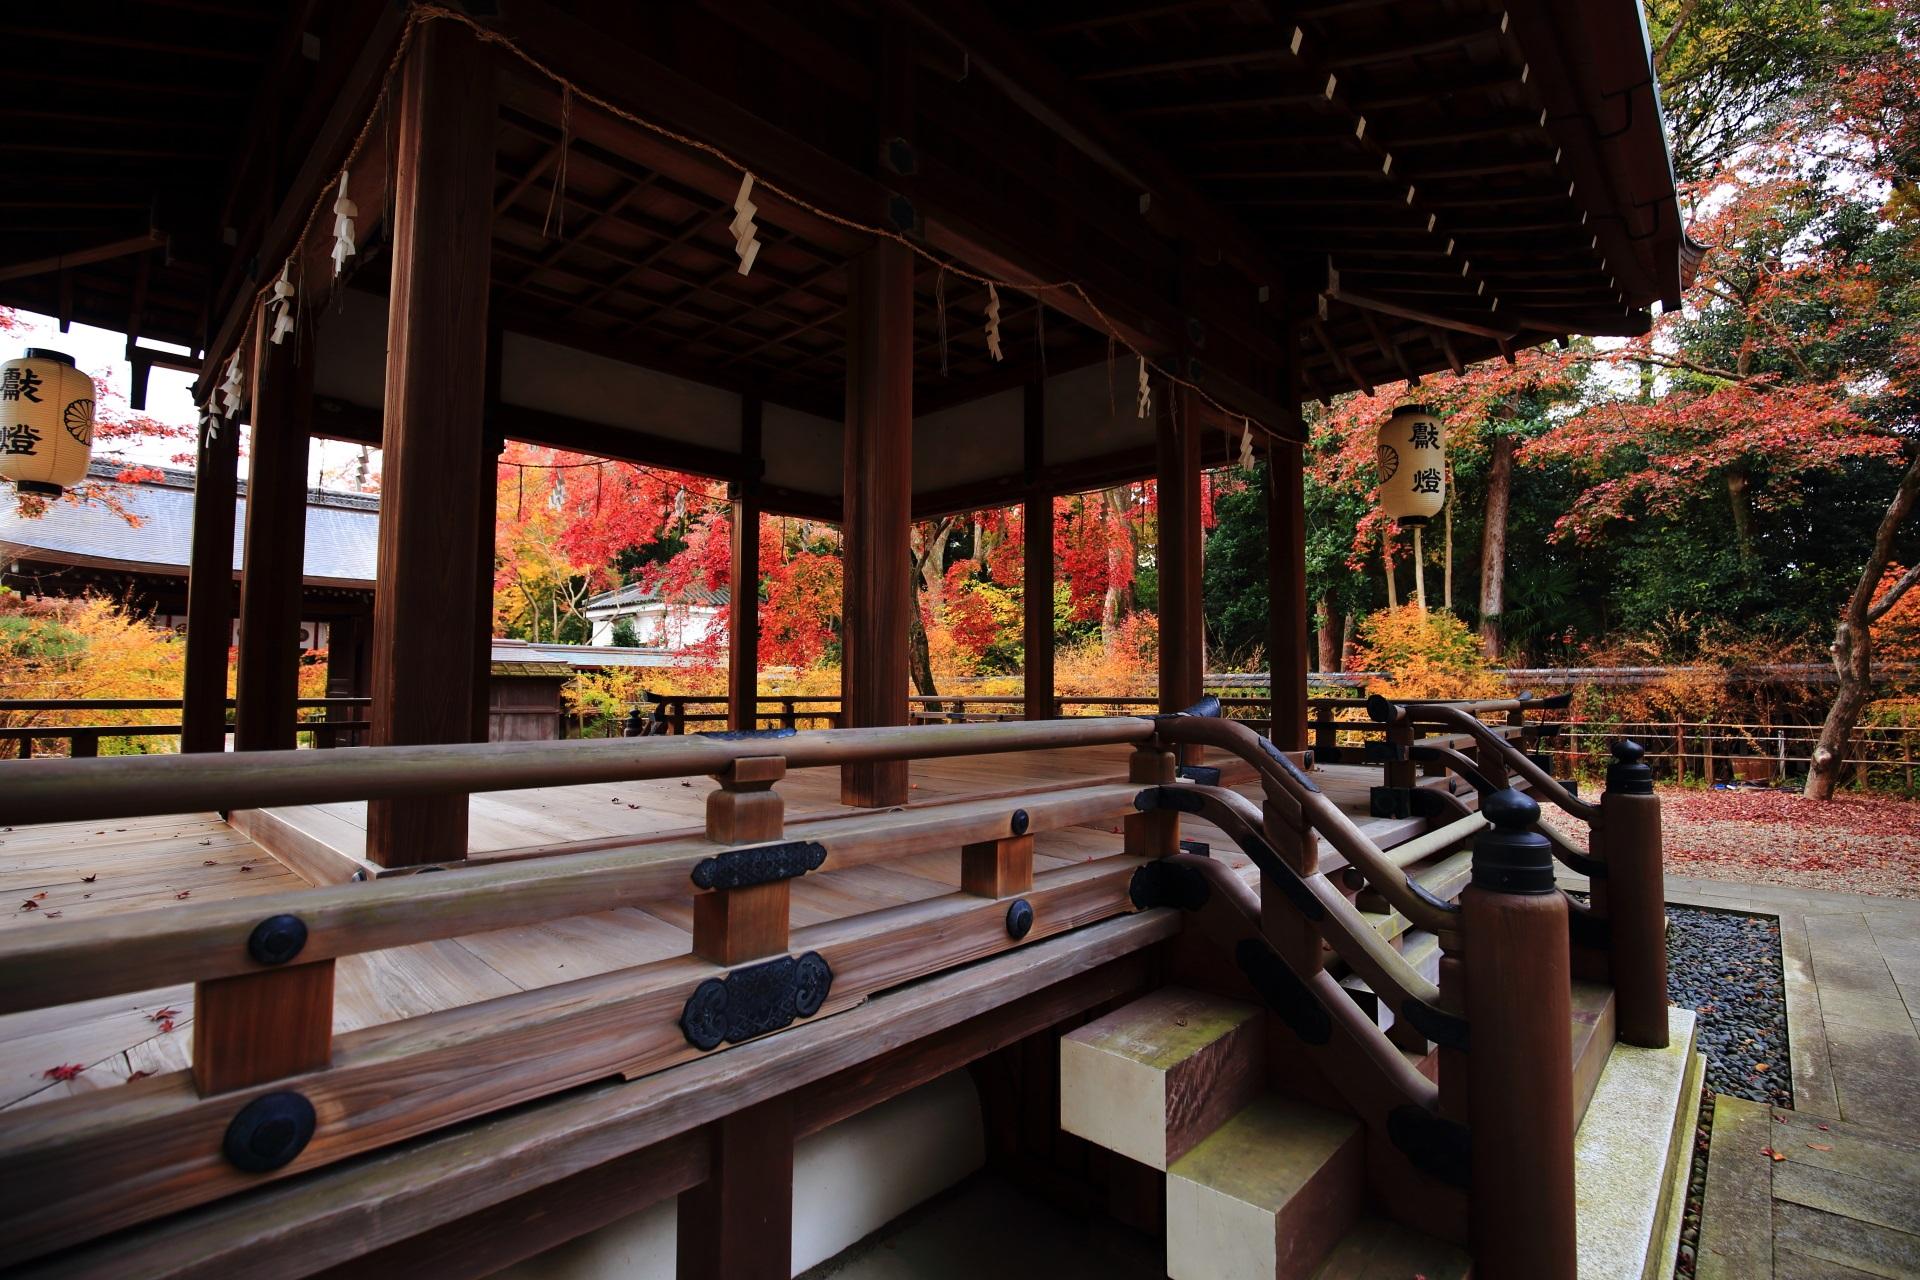 梨木神社の拝殿下から眺めた色とりどりの秋に染まる境内